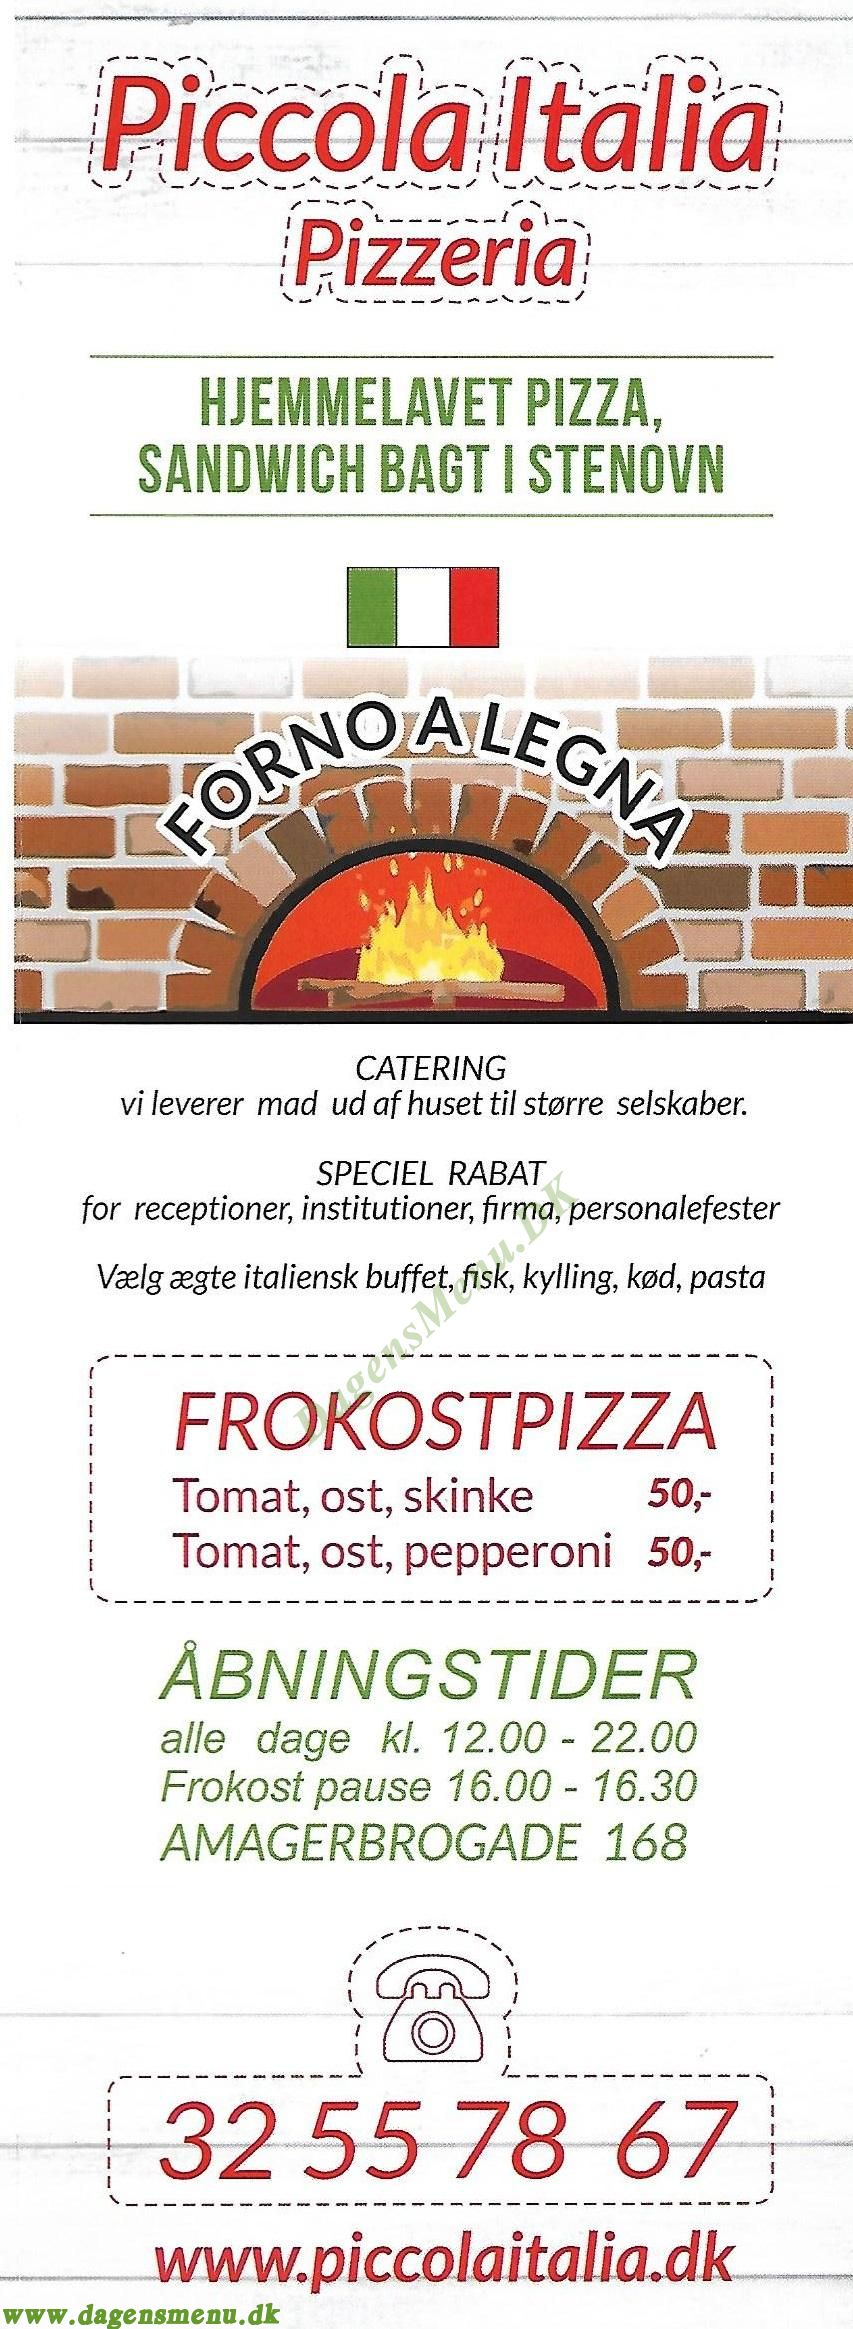 Piccola italia pizzeria - Menukort